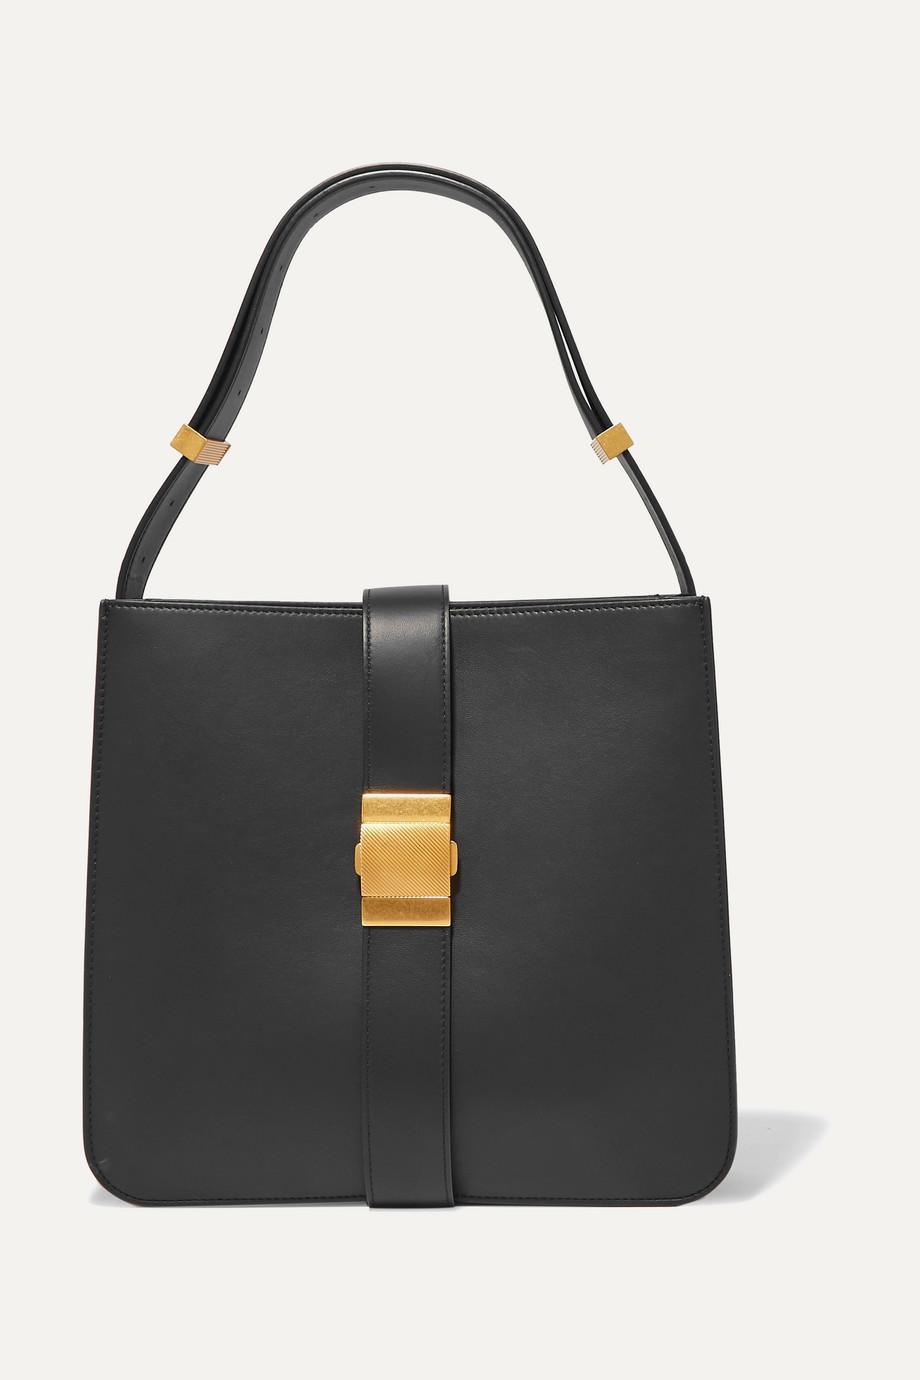 Bottega Veneta Marie embellished leather shoulder bag